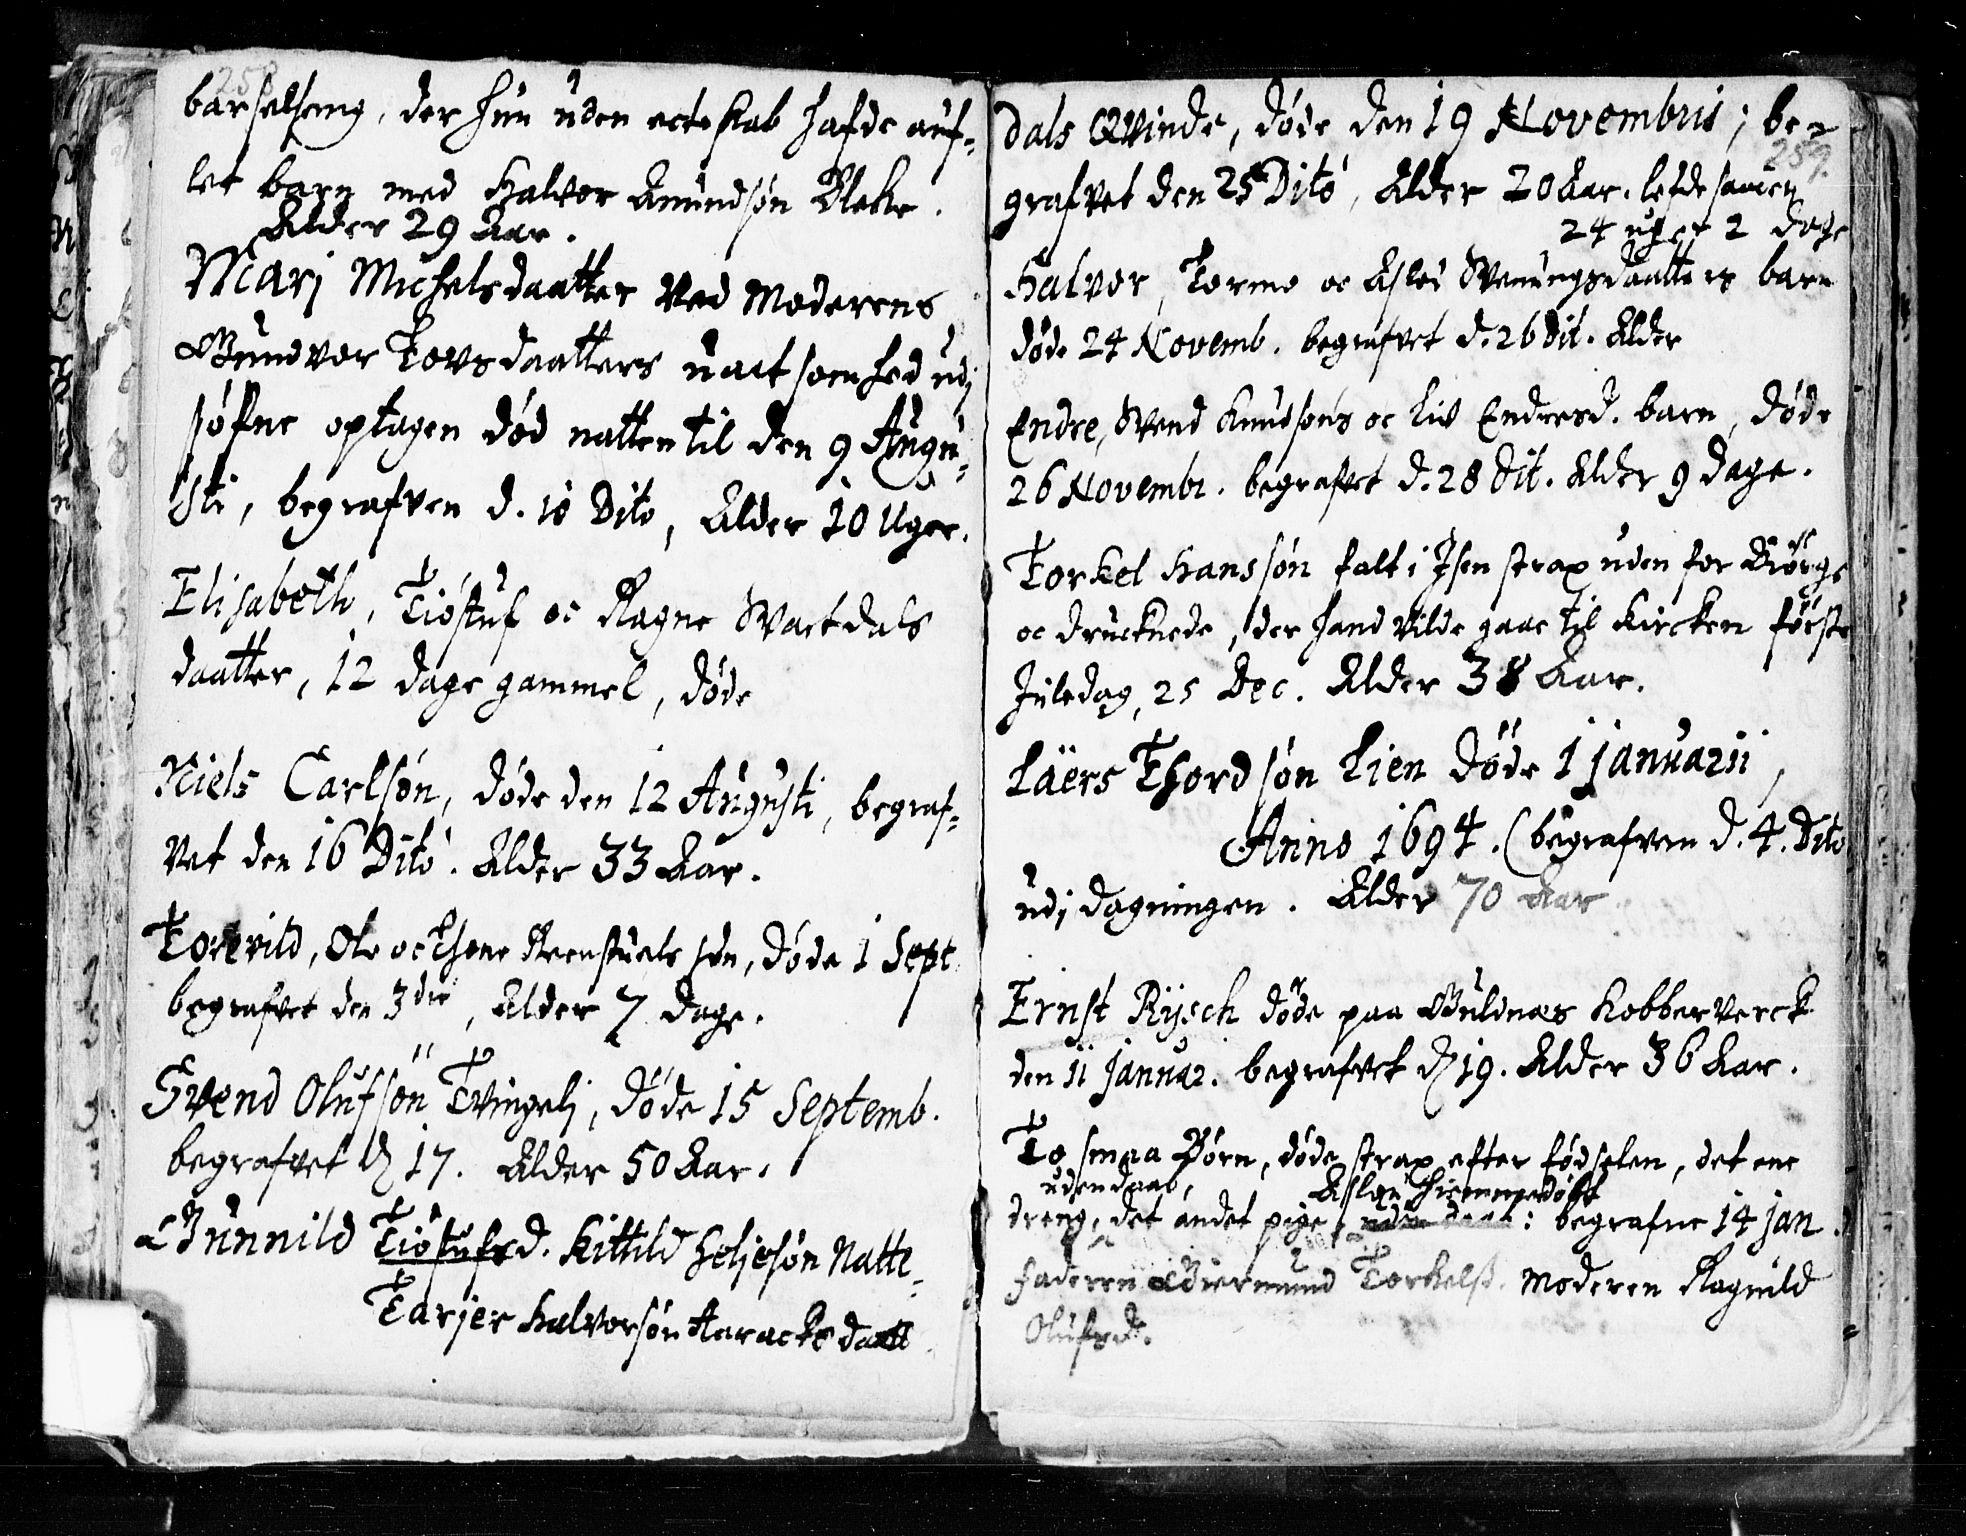 SAKO, Seljord kirkebøker, F/Fa/L0002: Ministerialbok nr. I 2, 1689-1713, s. 258-259